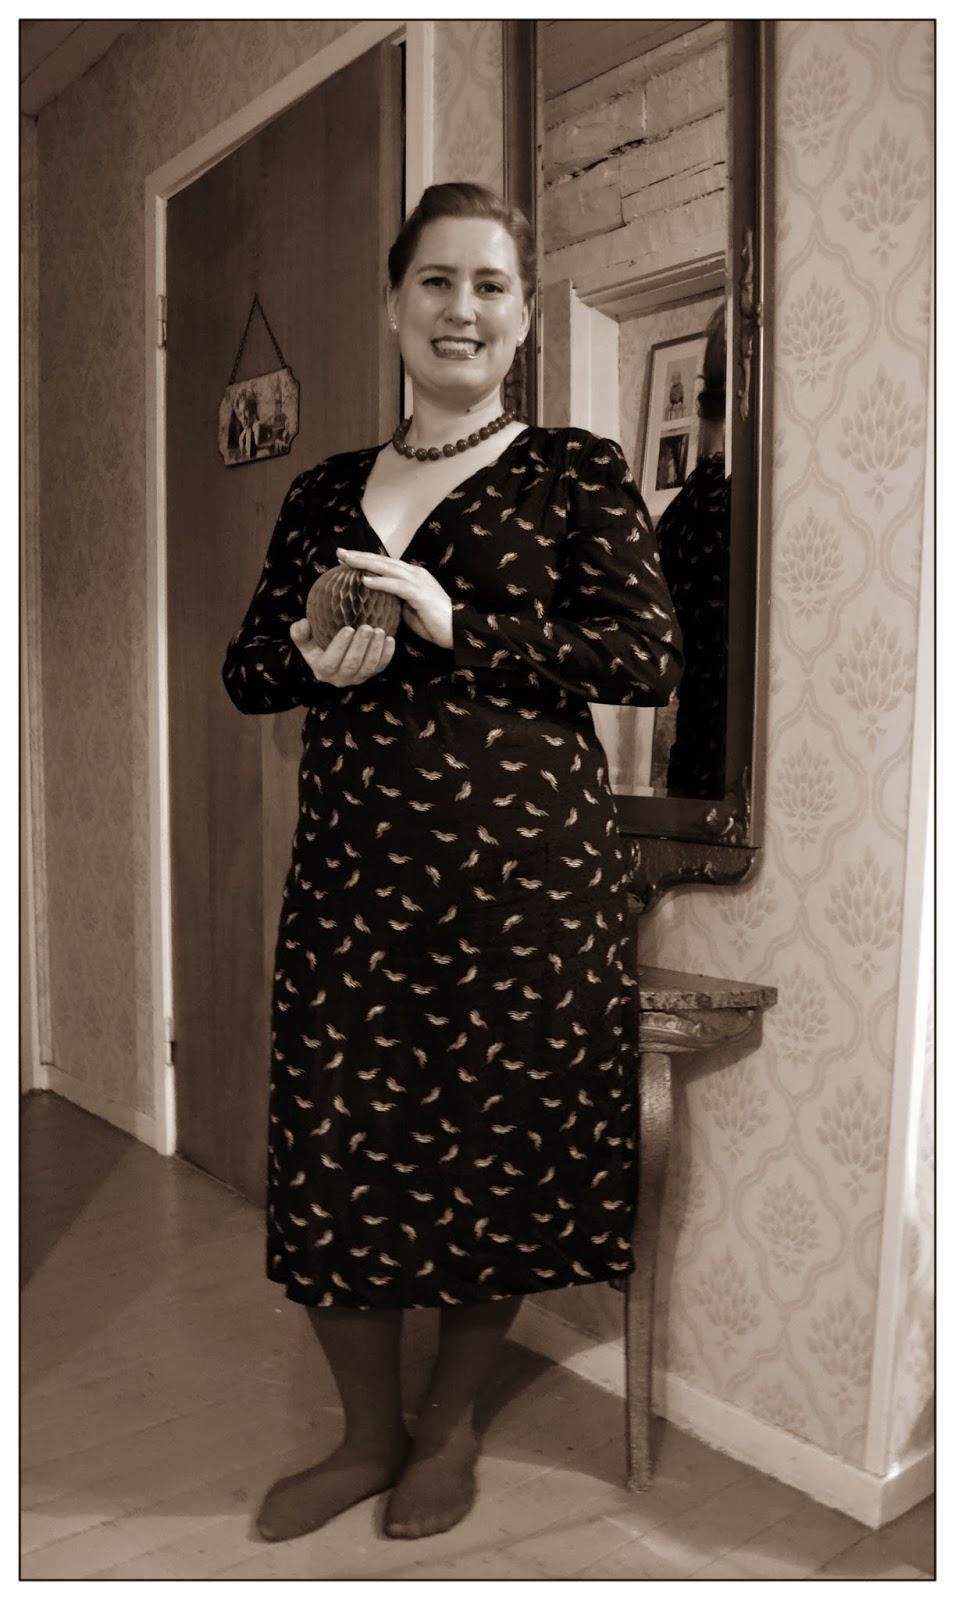 7f558ec9c368 Den här klänningen hittade jag i somras på en trevlig liten sommarloppis  som ett par hade i sitt förråd. Det var en välorganiserad loppis med fina  saker och ...